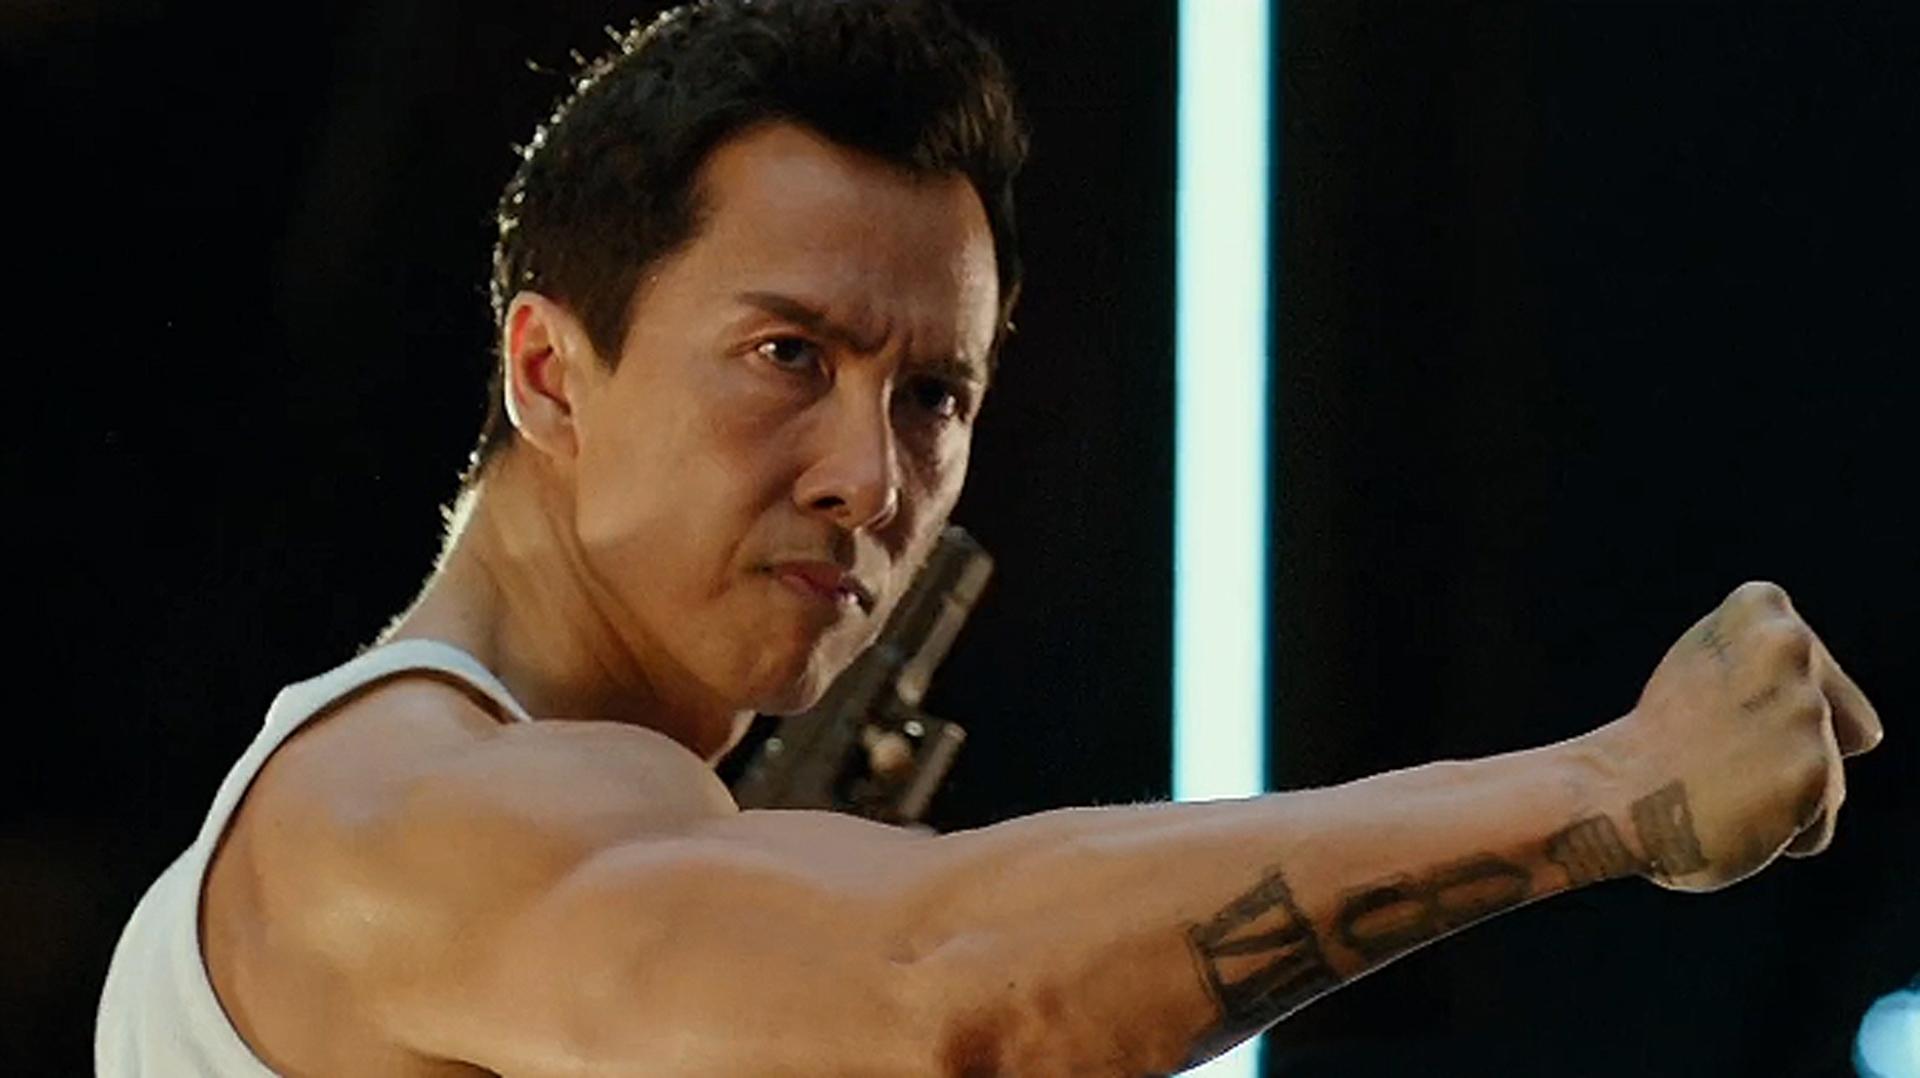 甄子丹5个经典硬汉角色:马军上榜,而叶问一角动作更是图片